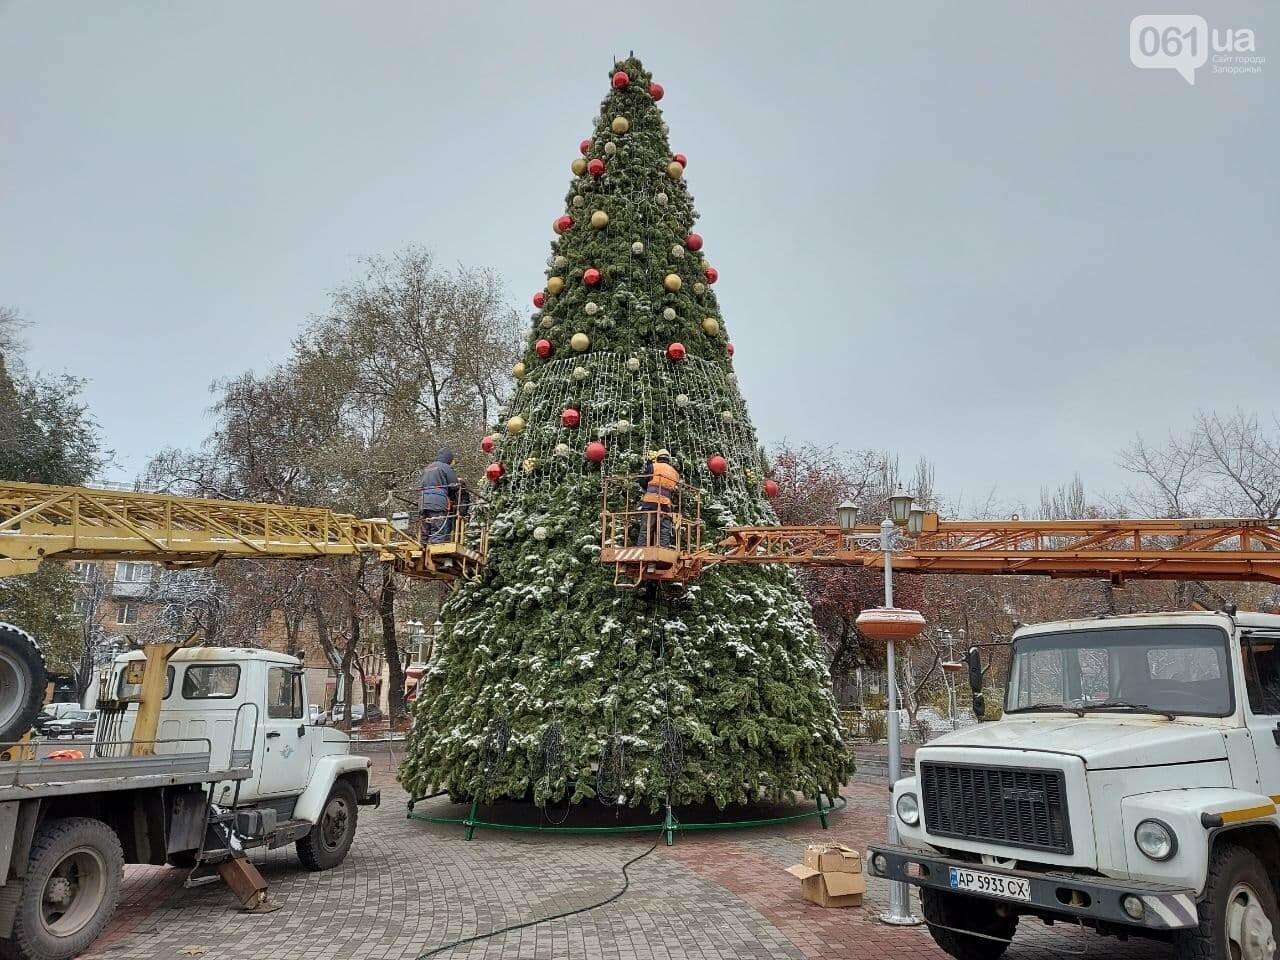 Новые игрушки для елки и обустройство новогоднего городка в центре Запорожья обойдется бюджету в 284 тысячи гривен, - ФОТОРЕПОРТАЖ , фото-9